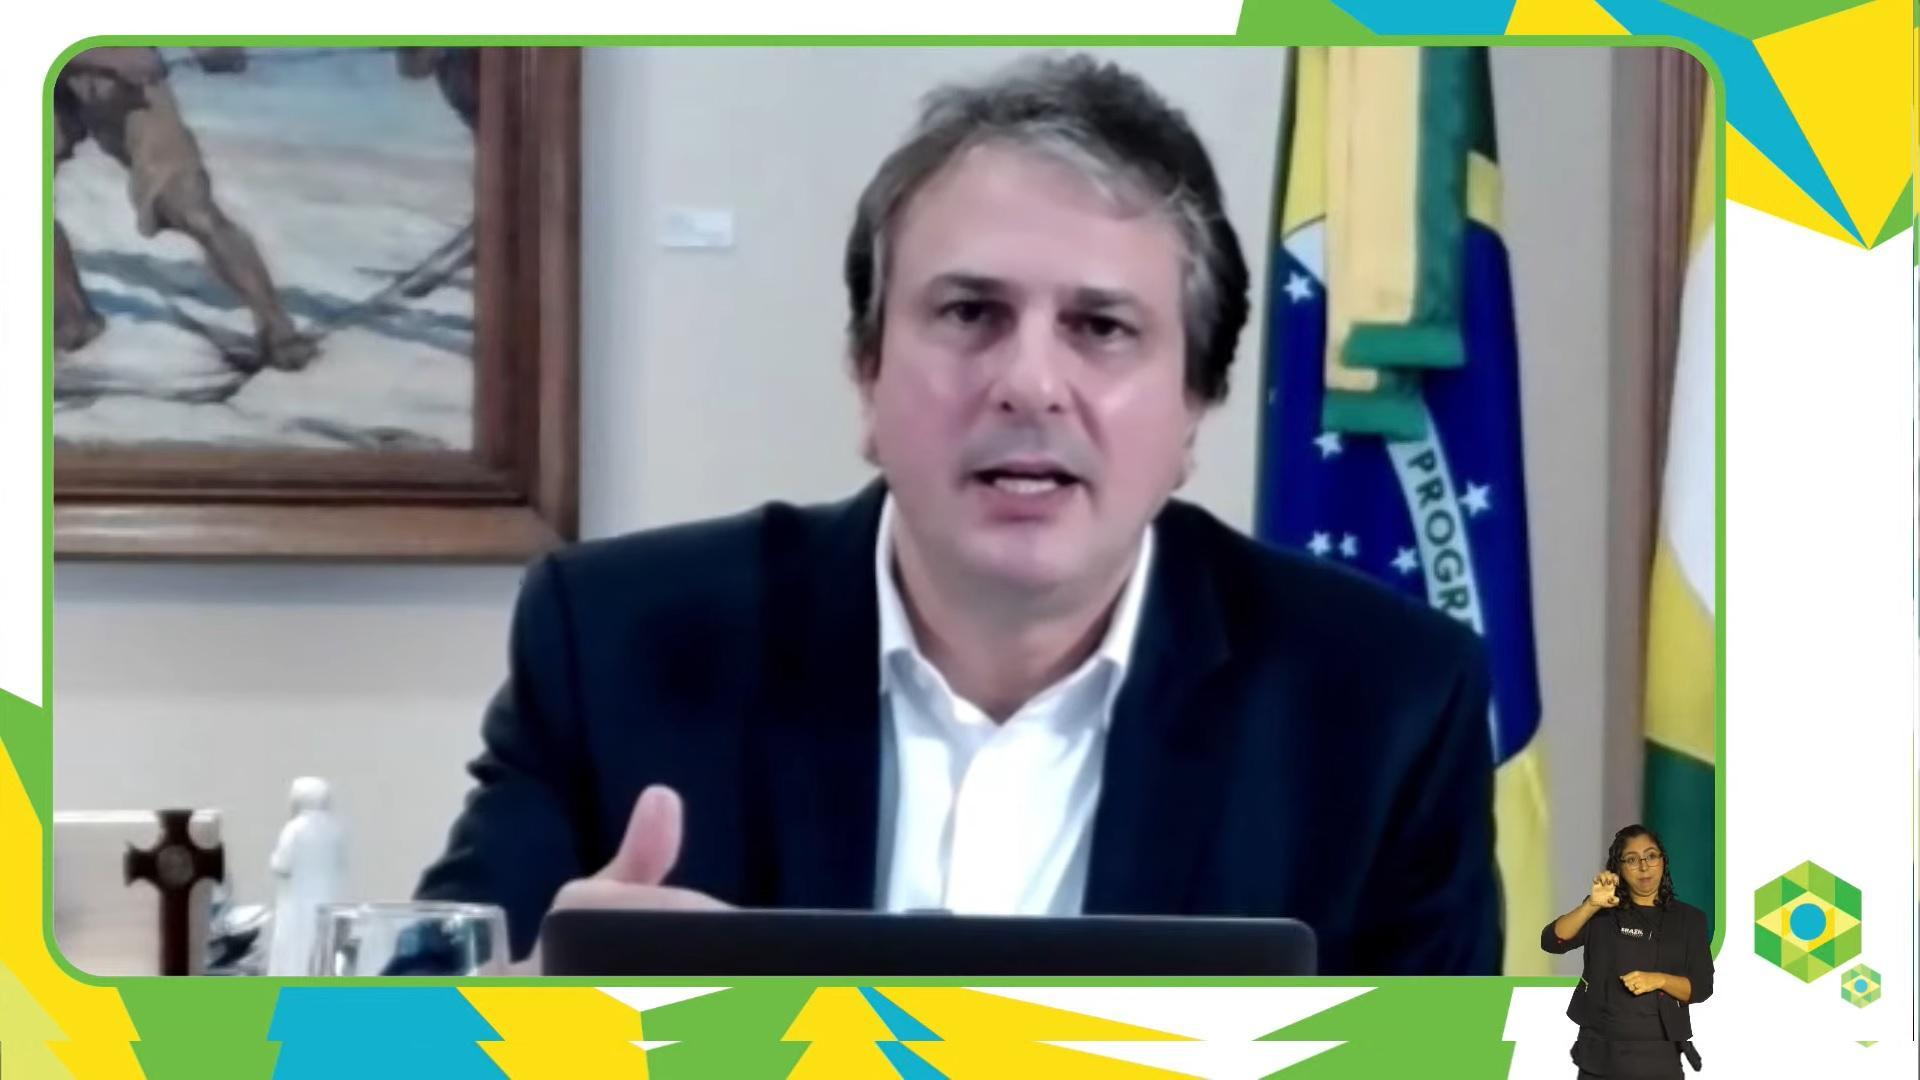 Camilo discursa durante conferÊncia